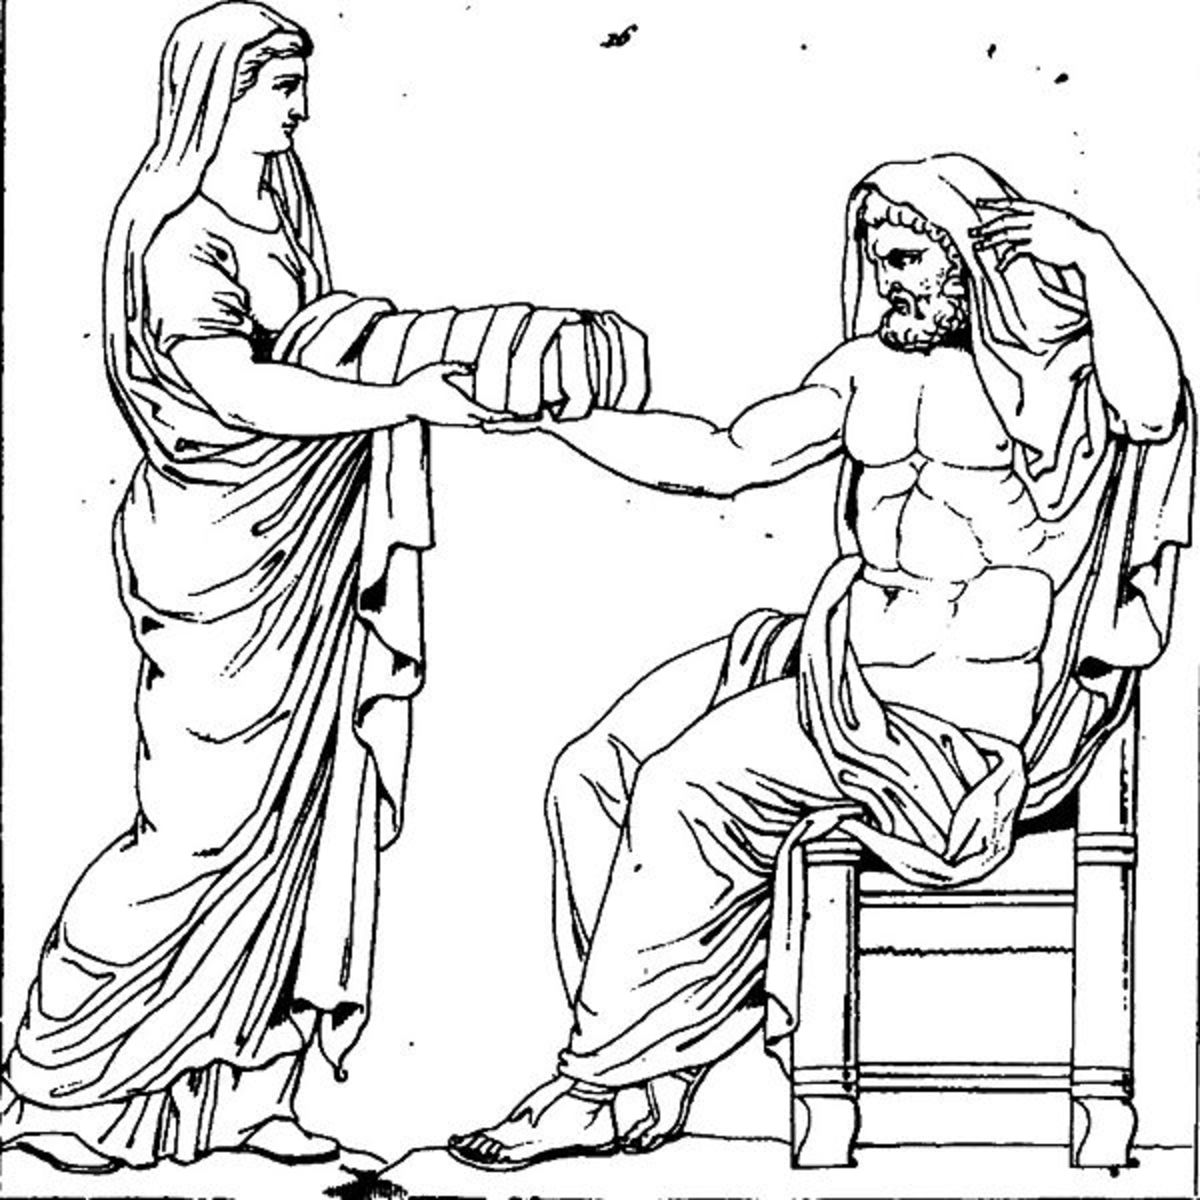 Rhea - Galerie mythologique, tome 1 d'A.L. Millin - PD-life-100